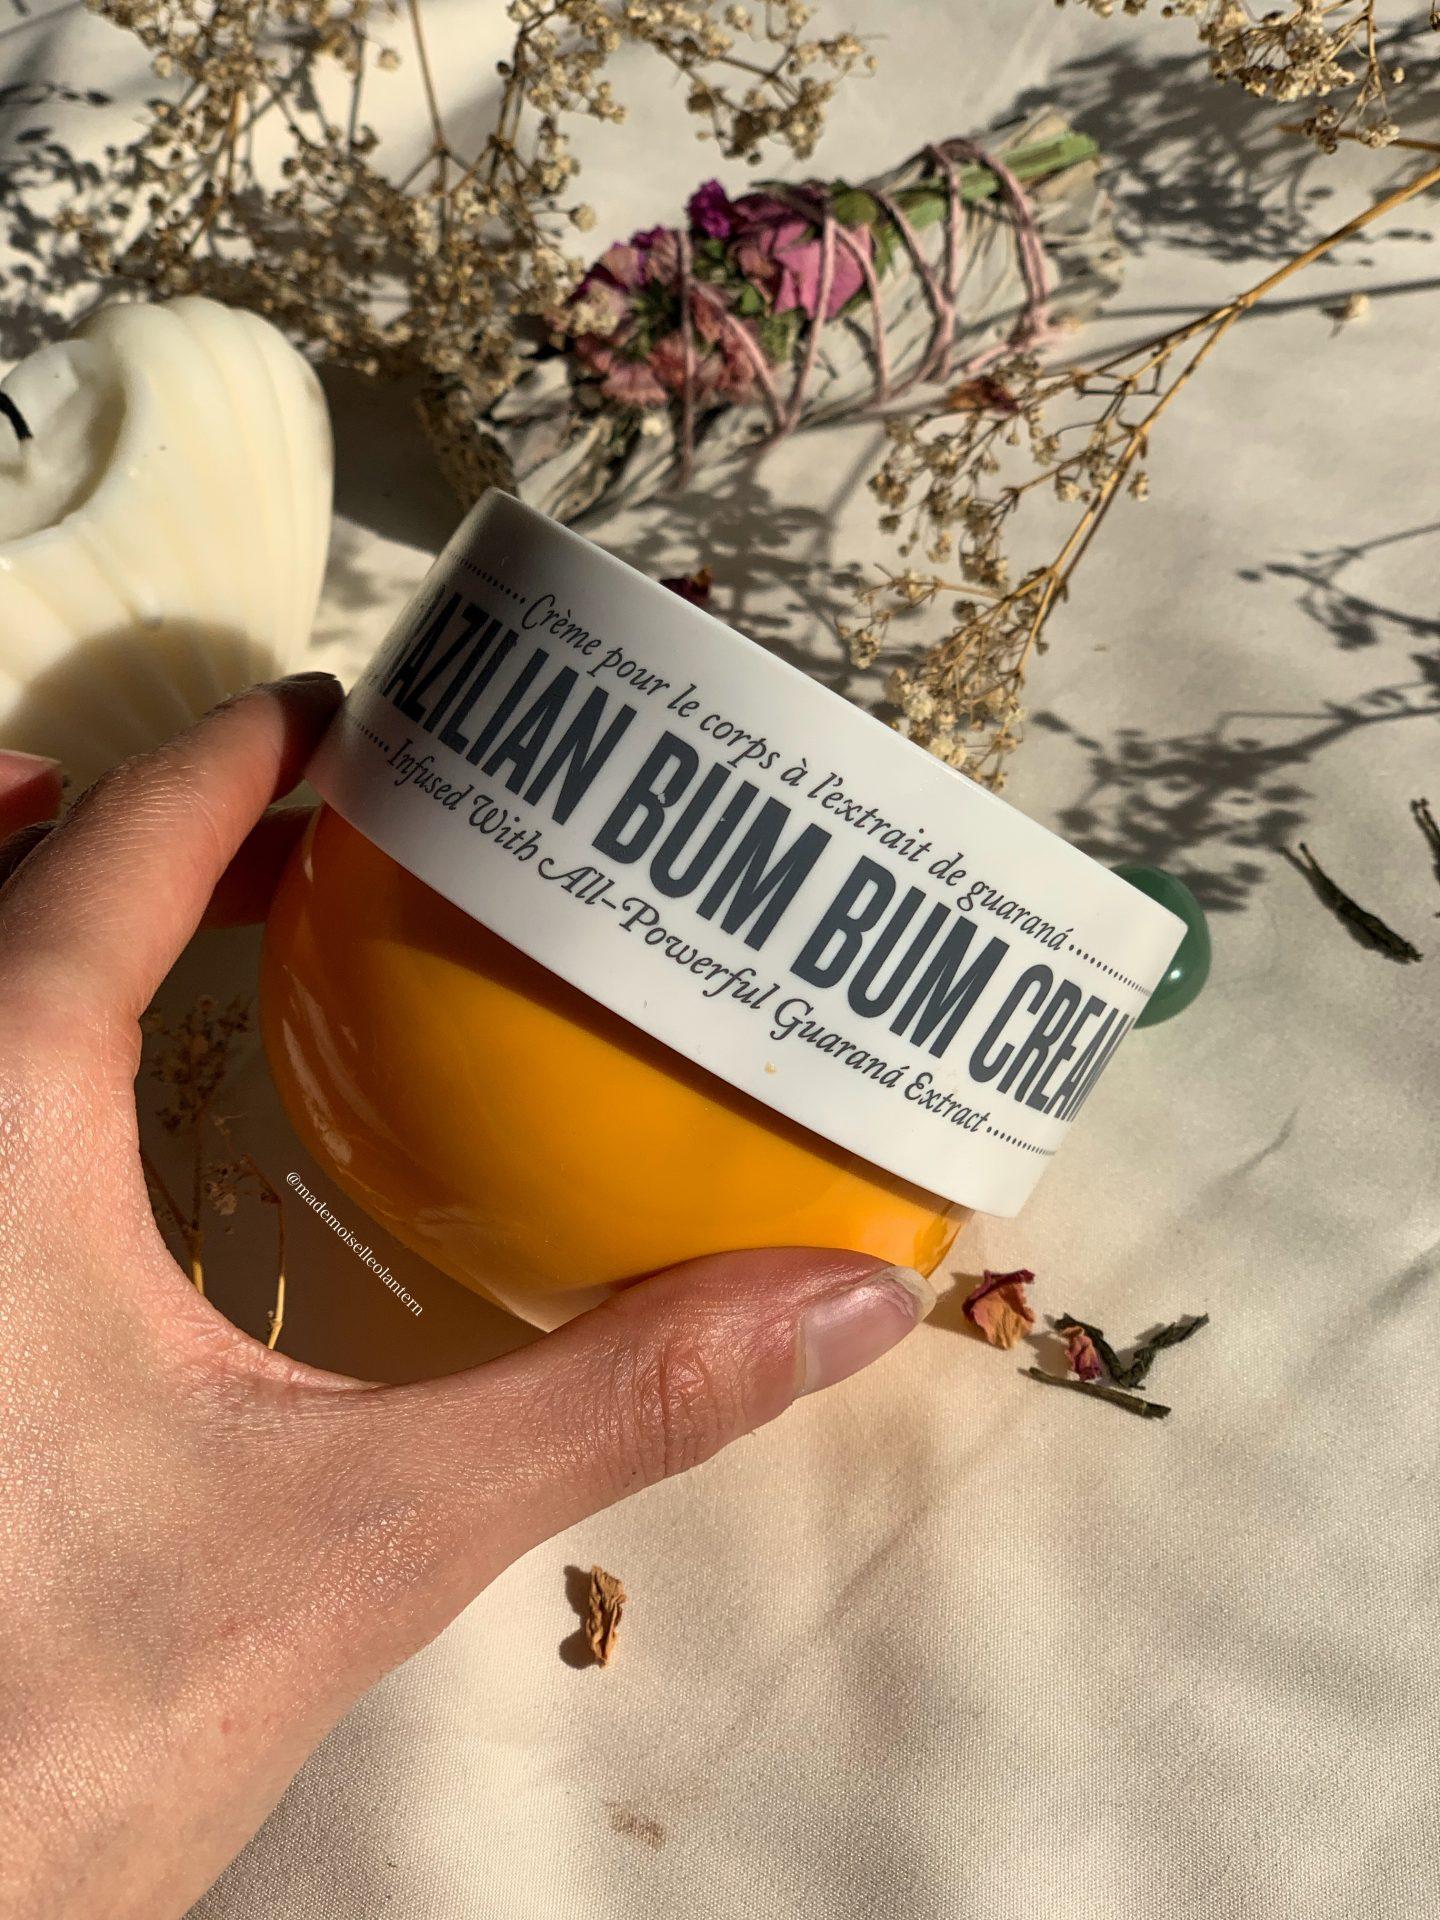 Bum bum cream review